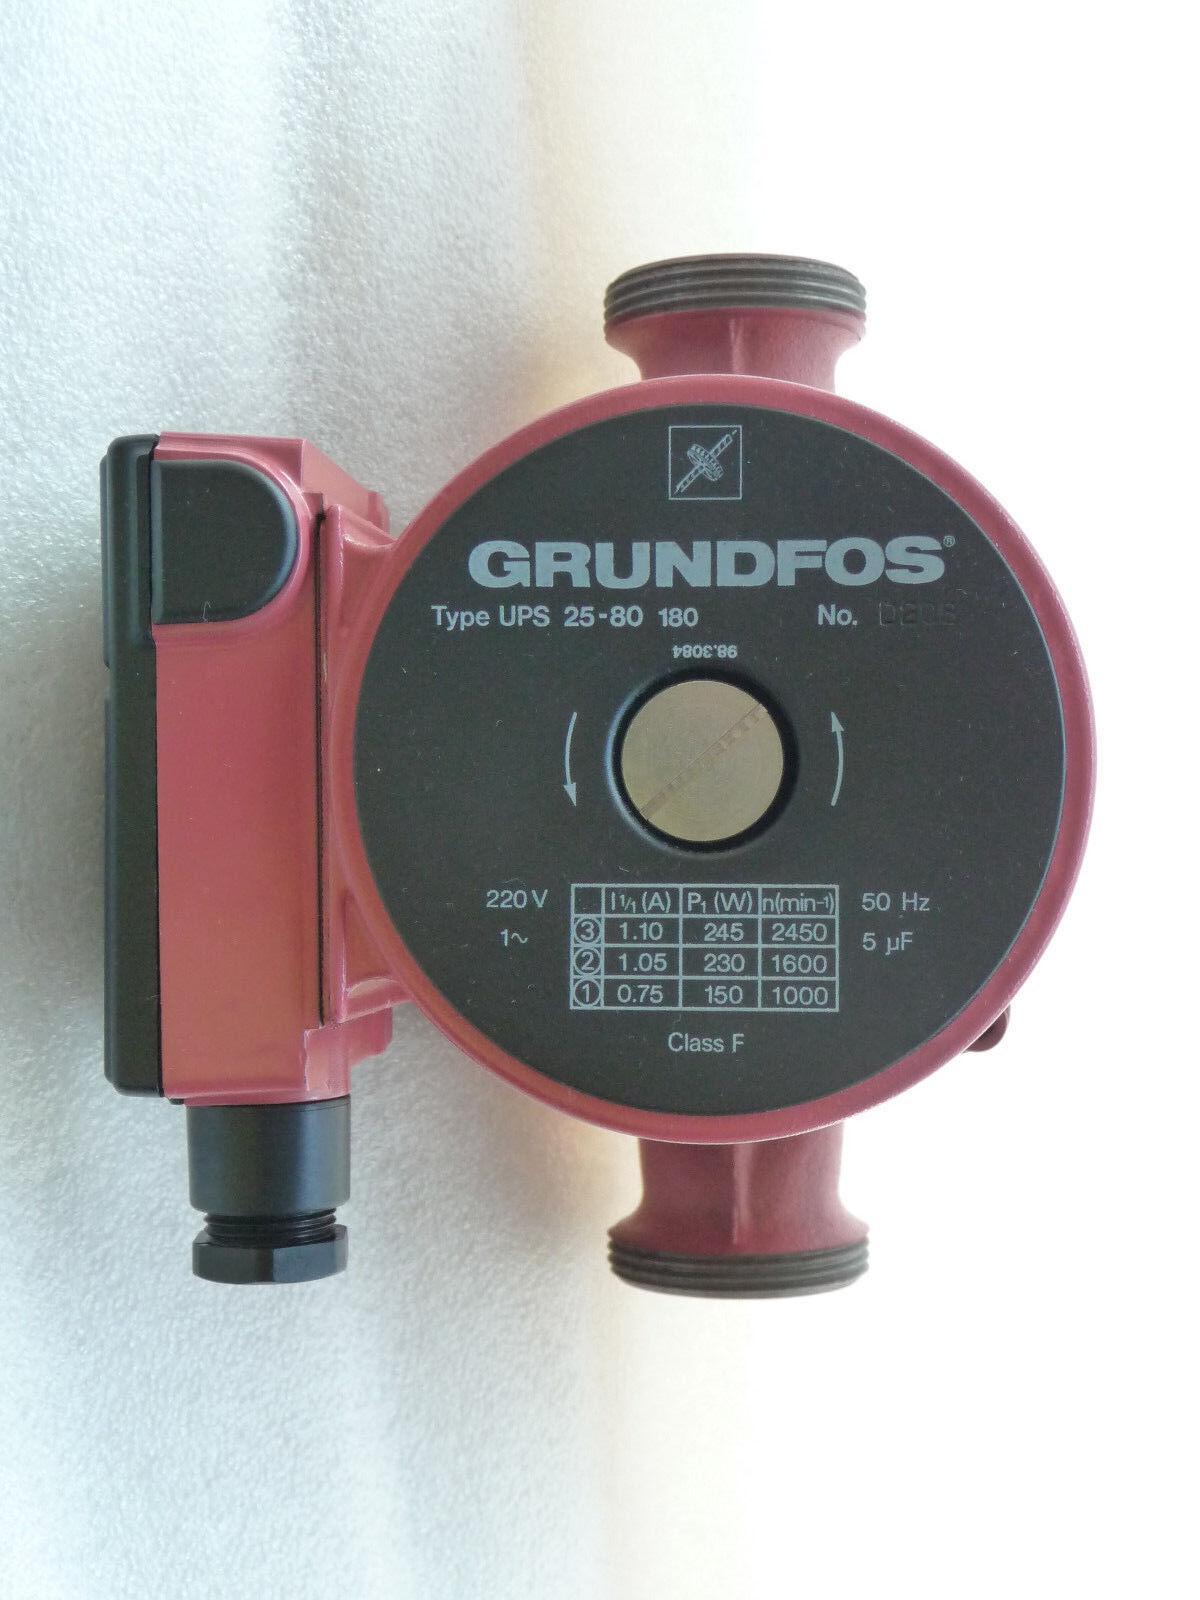 Grundfos UPS 25 - 80 Heizungspumpe 230 Volt Umwälzpumpe Umwälzpumpe Umwälzpumpe 180 mm NEU & OVP P43/18 01d611